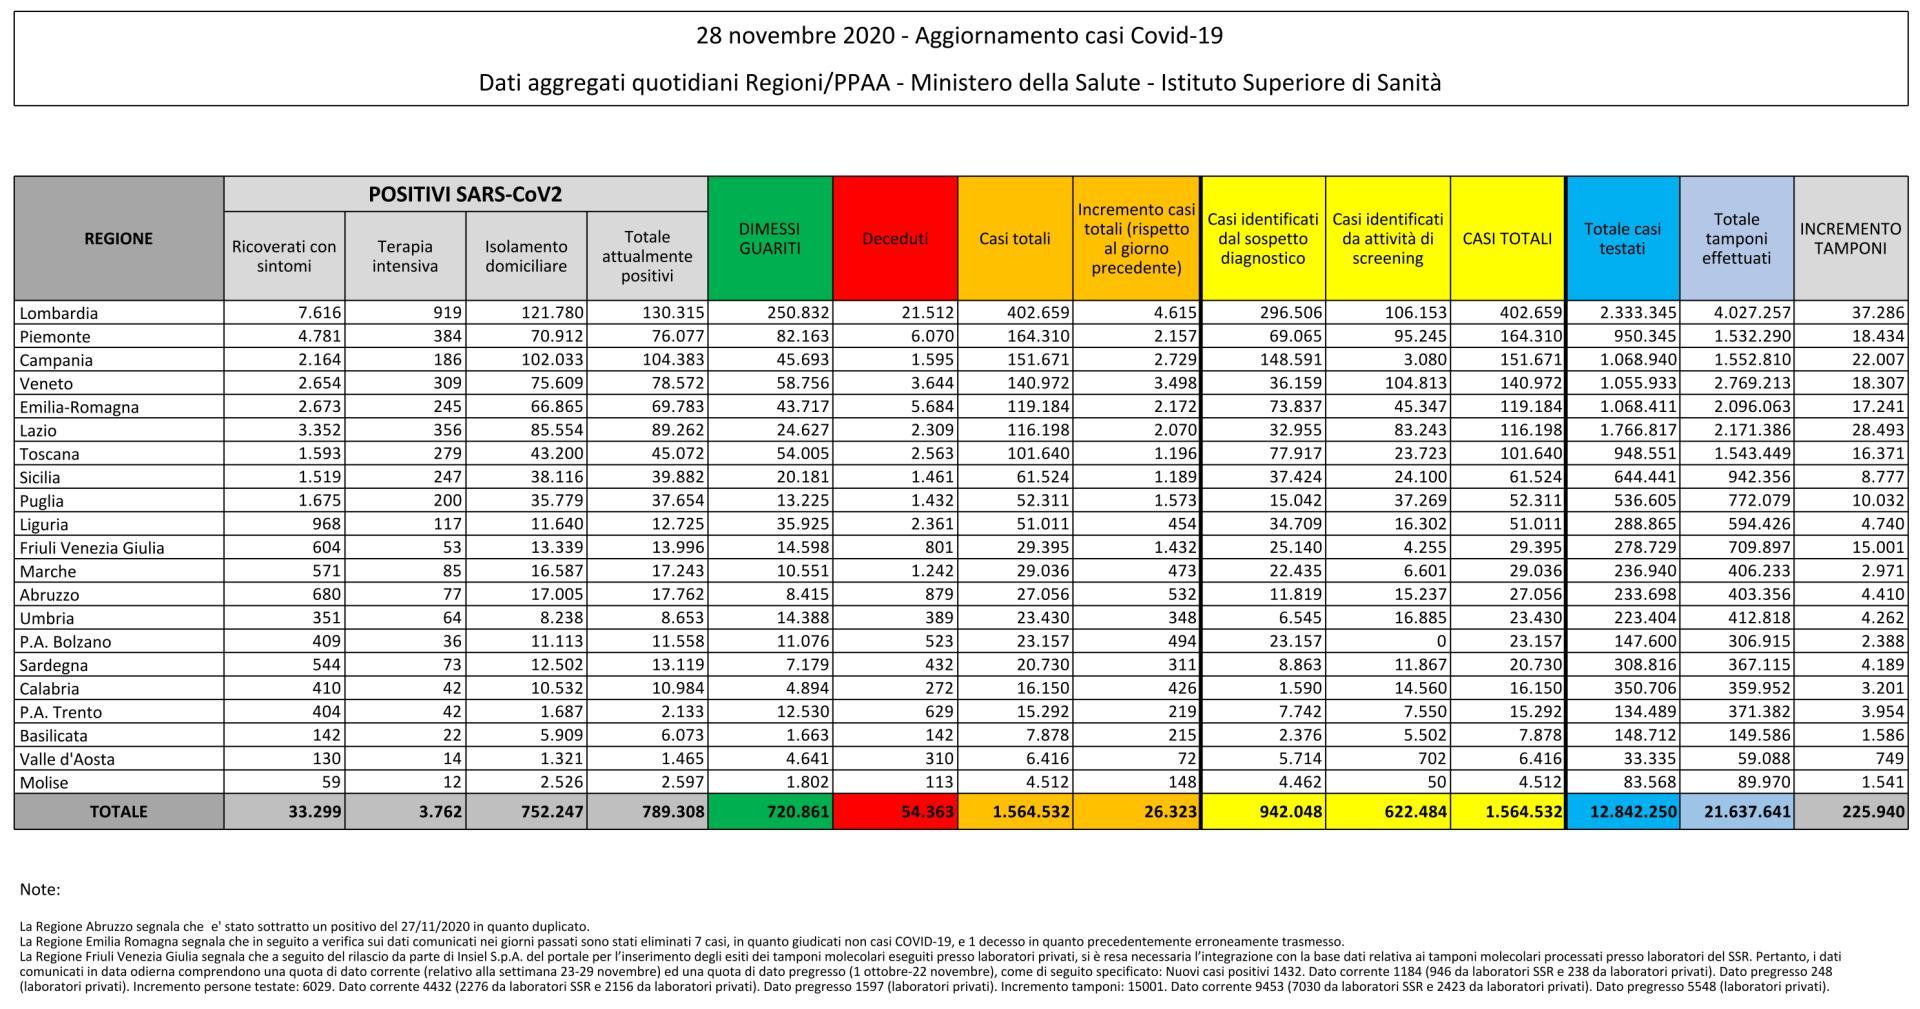 28 novembre 2020 - Aggiornamento casi Covid-19 Dati aggregati quotidiani Regioni/PPAA - Ministero della Salute - Istituto Superiore di Sanità